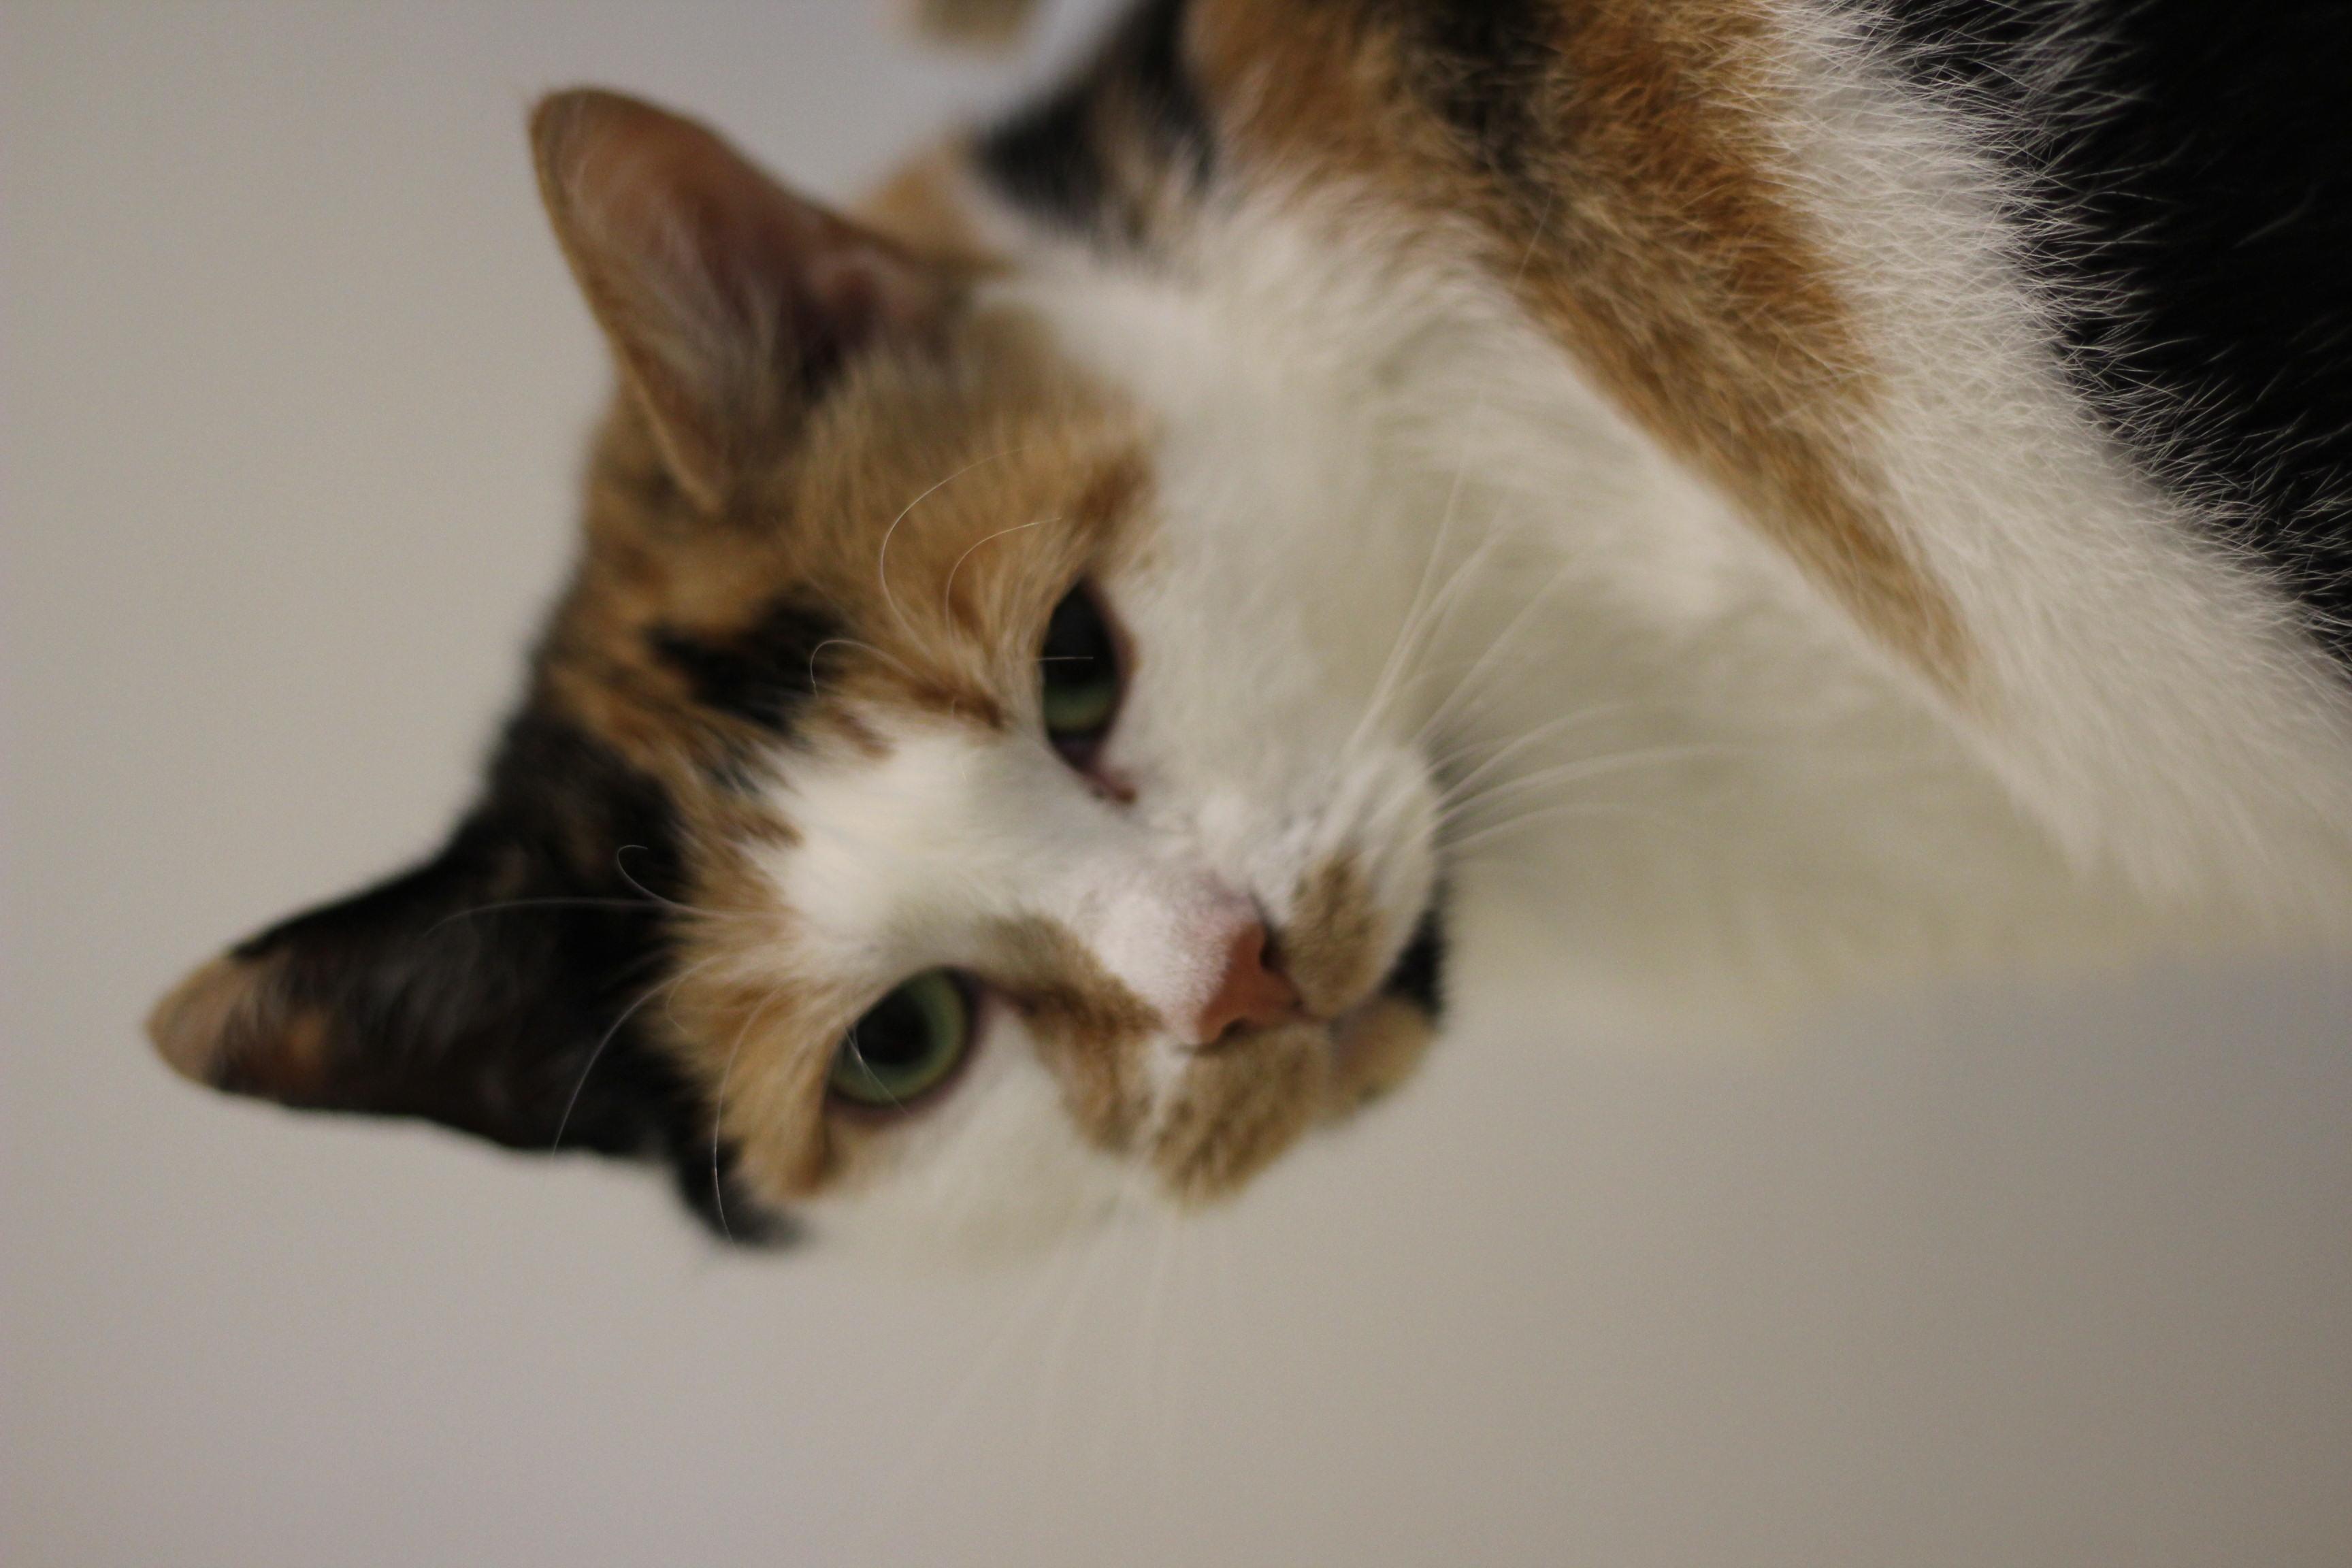 SPECIALNEED KAT pris 500 kr - hun er den dejligste kat - men skal ud på et landbrug og være arbejdskat - gerne som alene kat